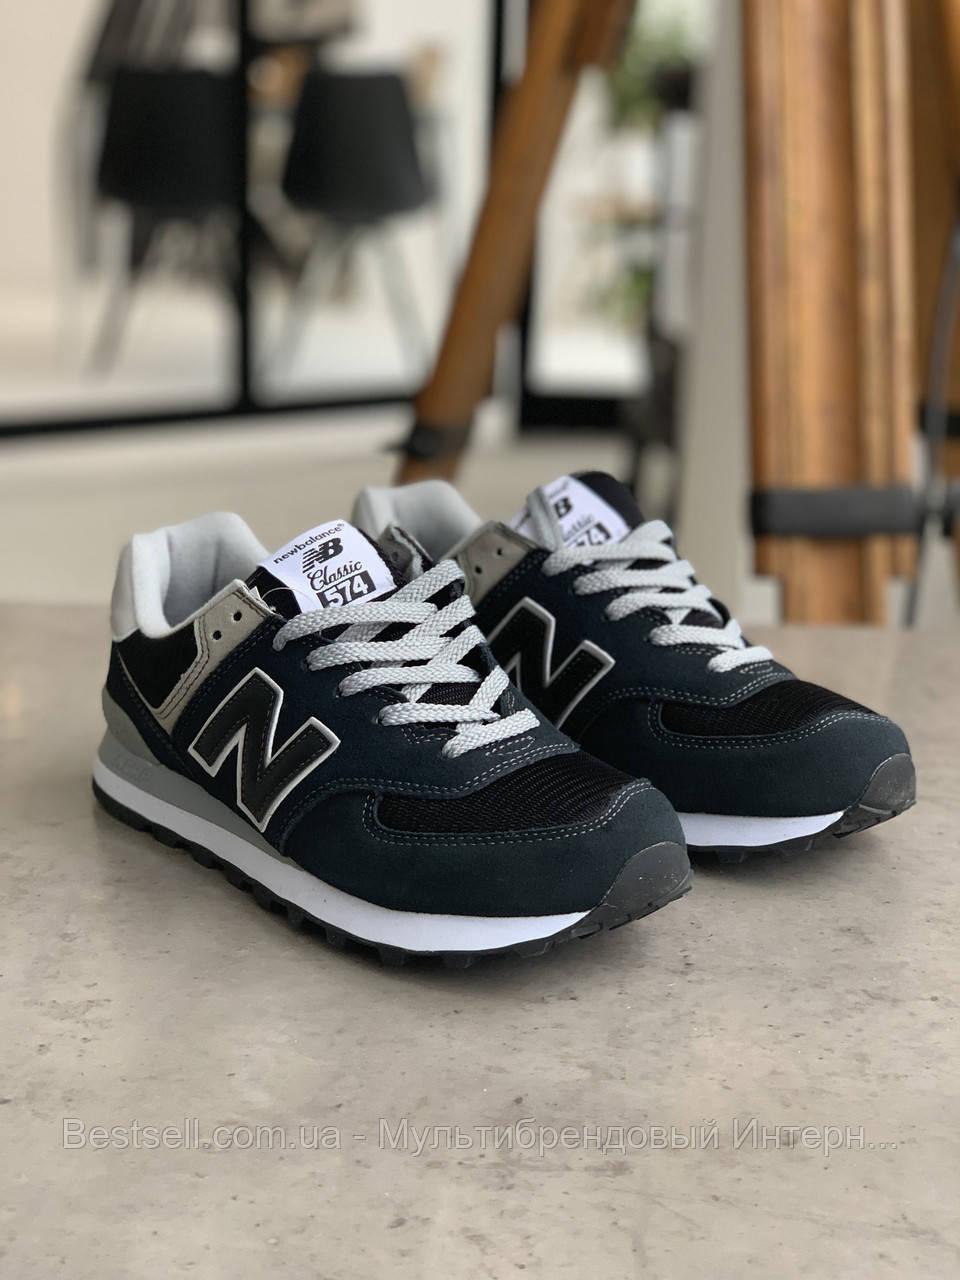 Кроссовки New Balance 574 Нью Беланс 574 Тёмно-синие (36,40)